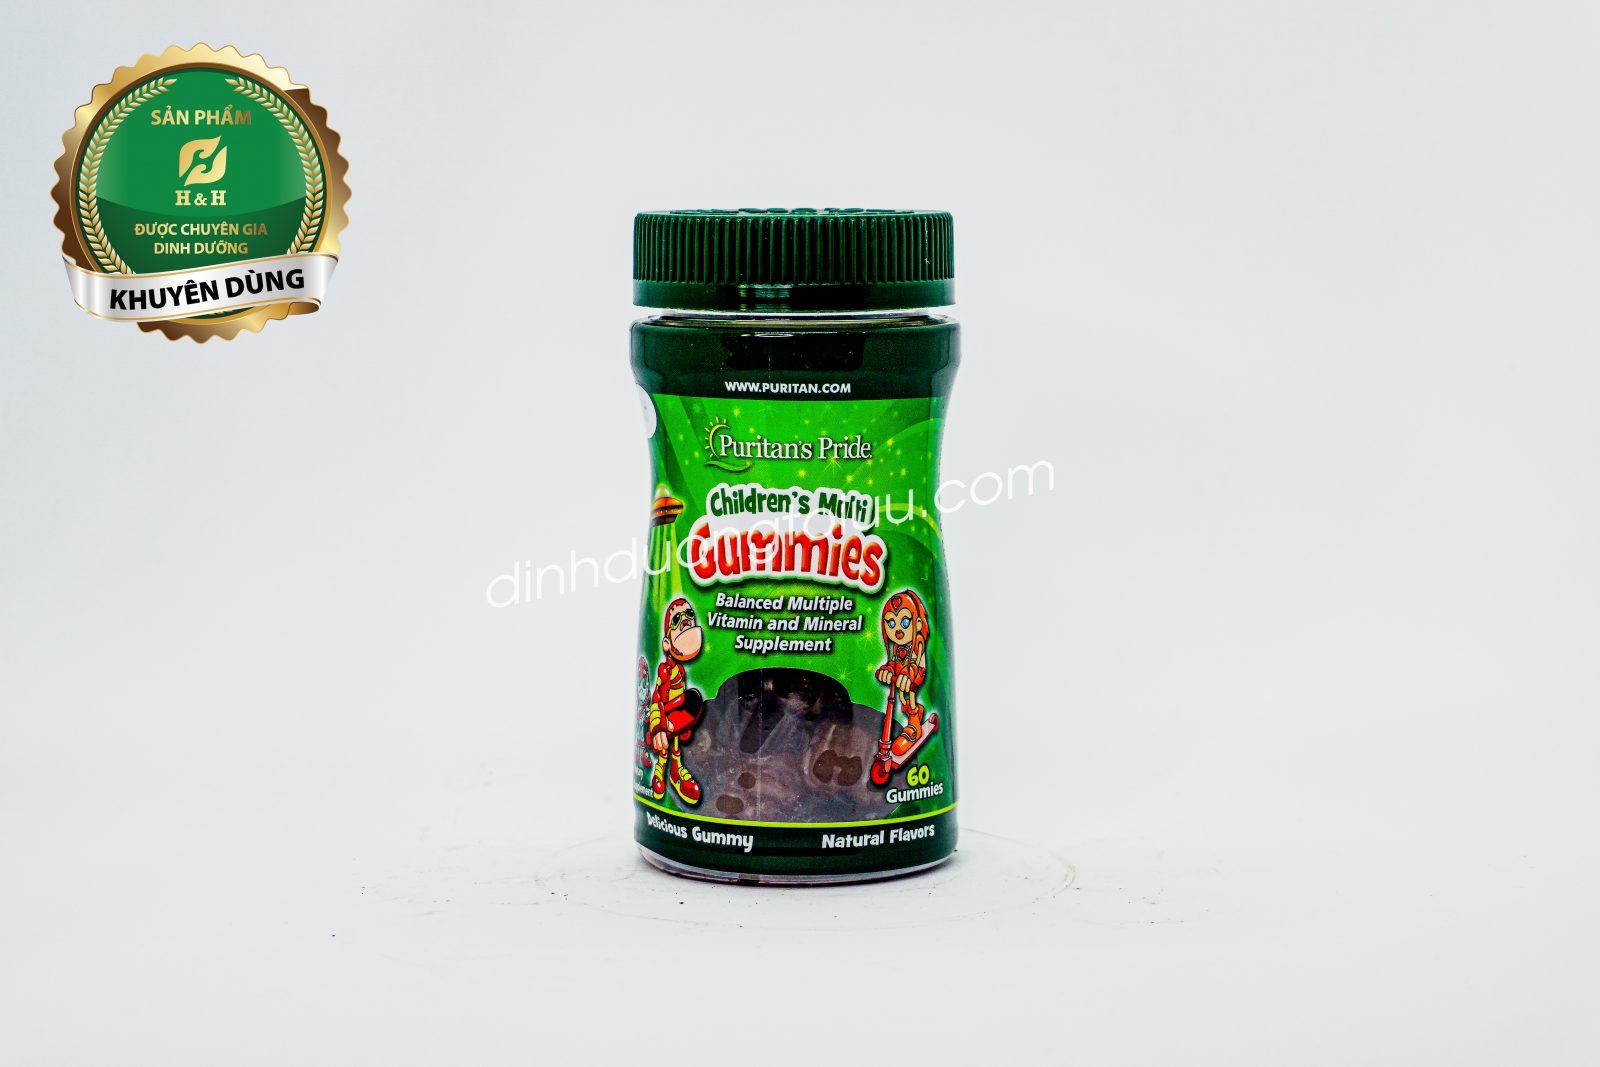 Viên nhai kẹo dẻo bổ sung Vitamin - Puritan's Pride Children's Multivitamins & Minerals Gummies